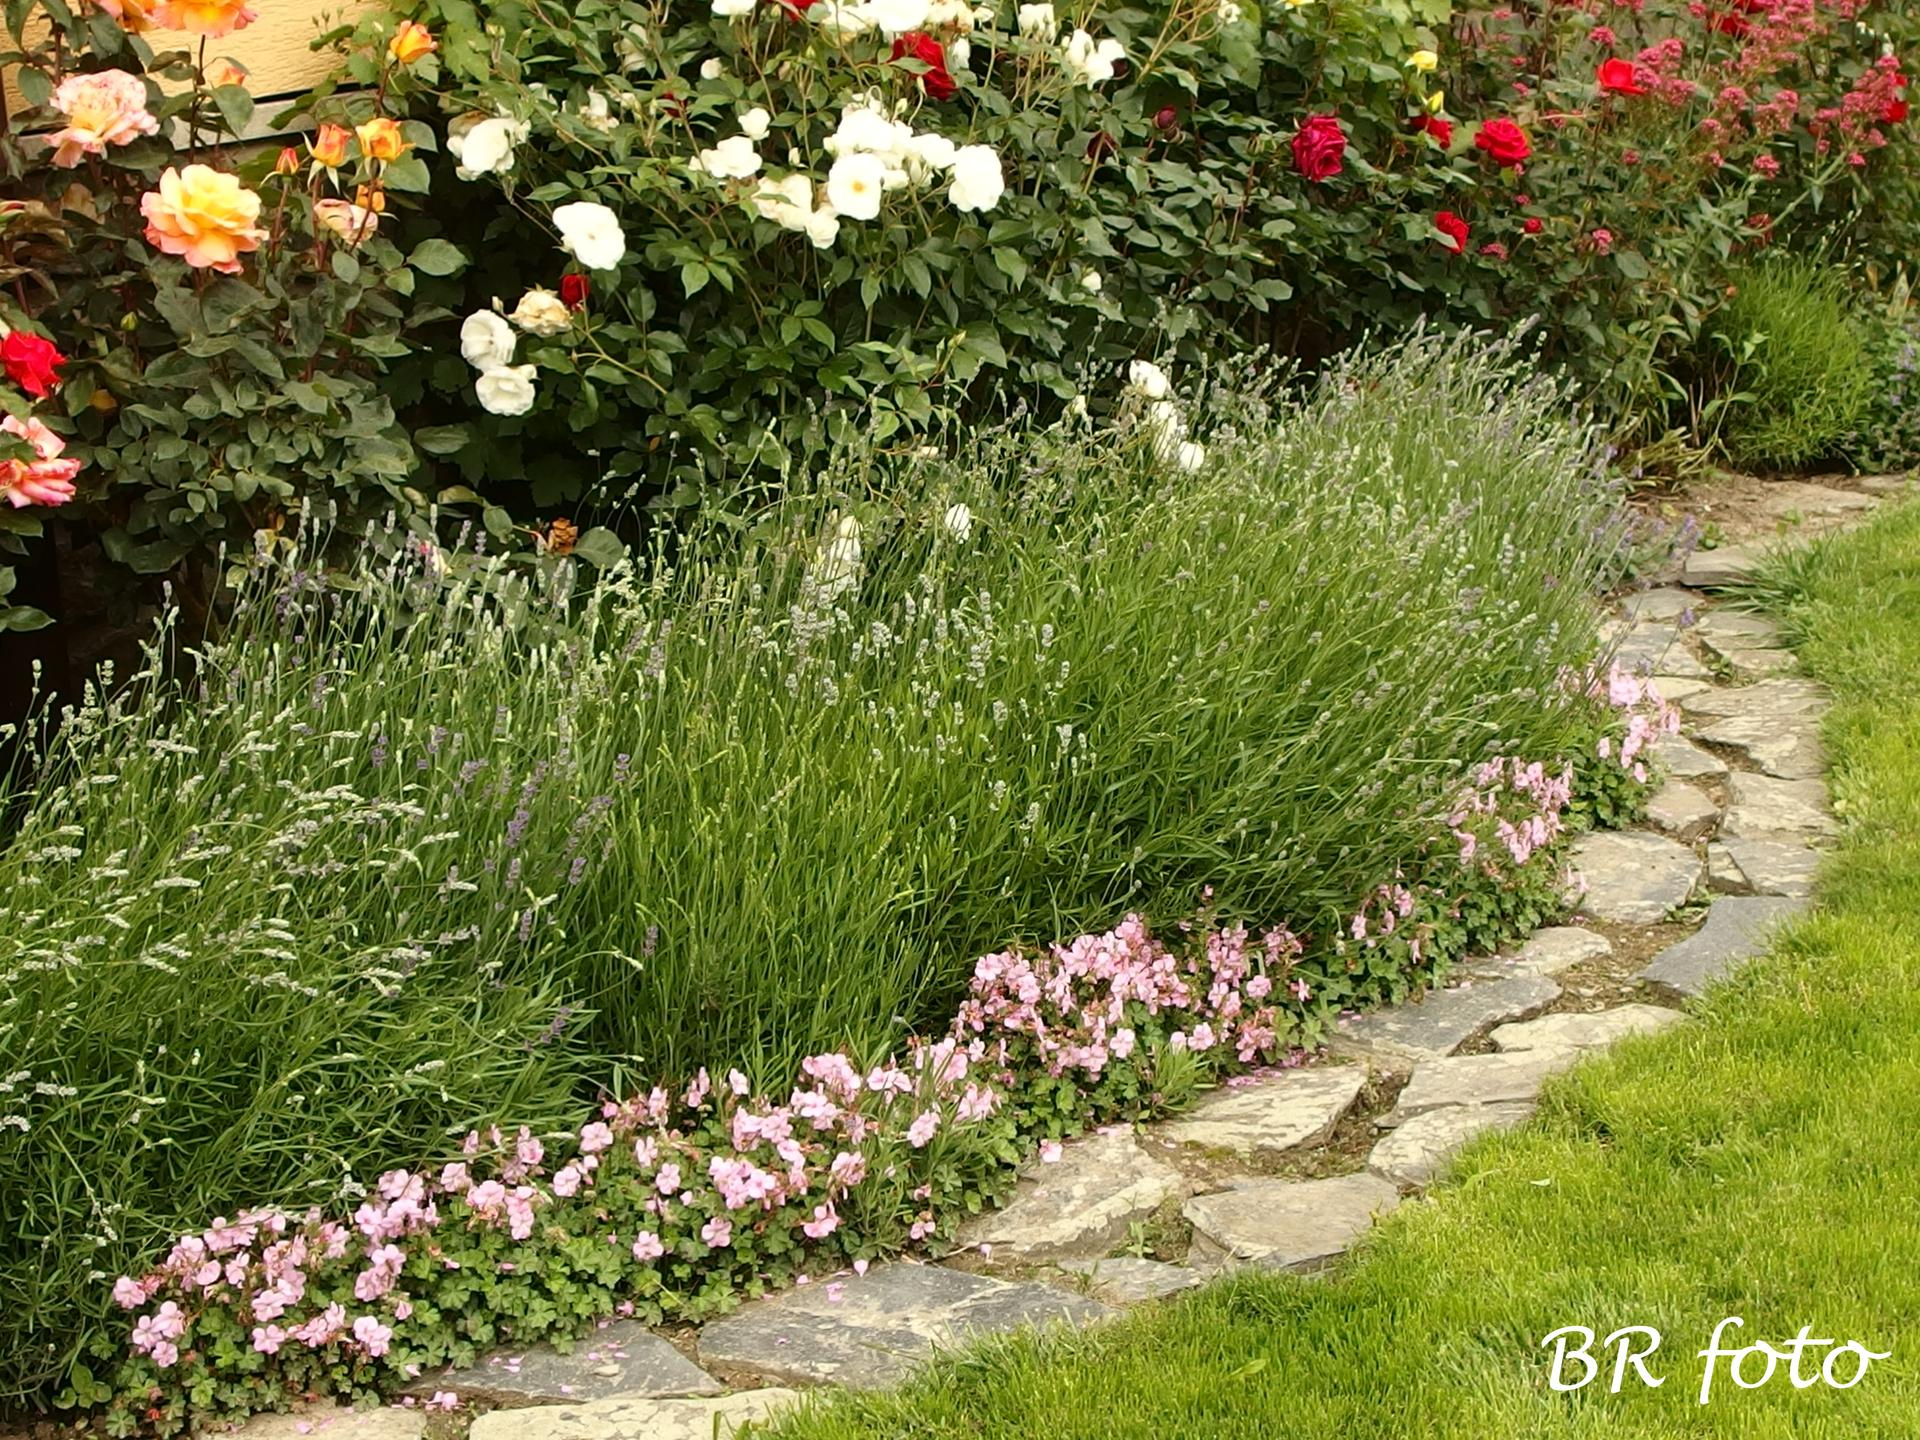 Zahrada v červnu - vše roste a kvete jako o život.... - levá strana předzahrádky, okraj záhonu lemují pokryvné kakosty, vyšší patro tvoří levandule a nejvyšší růže